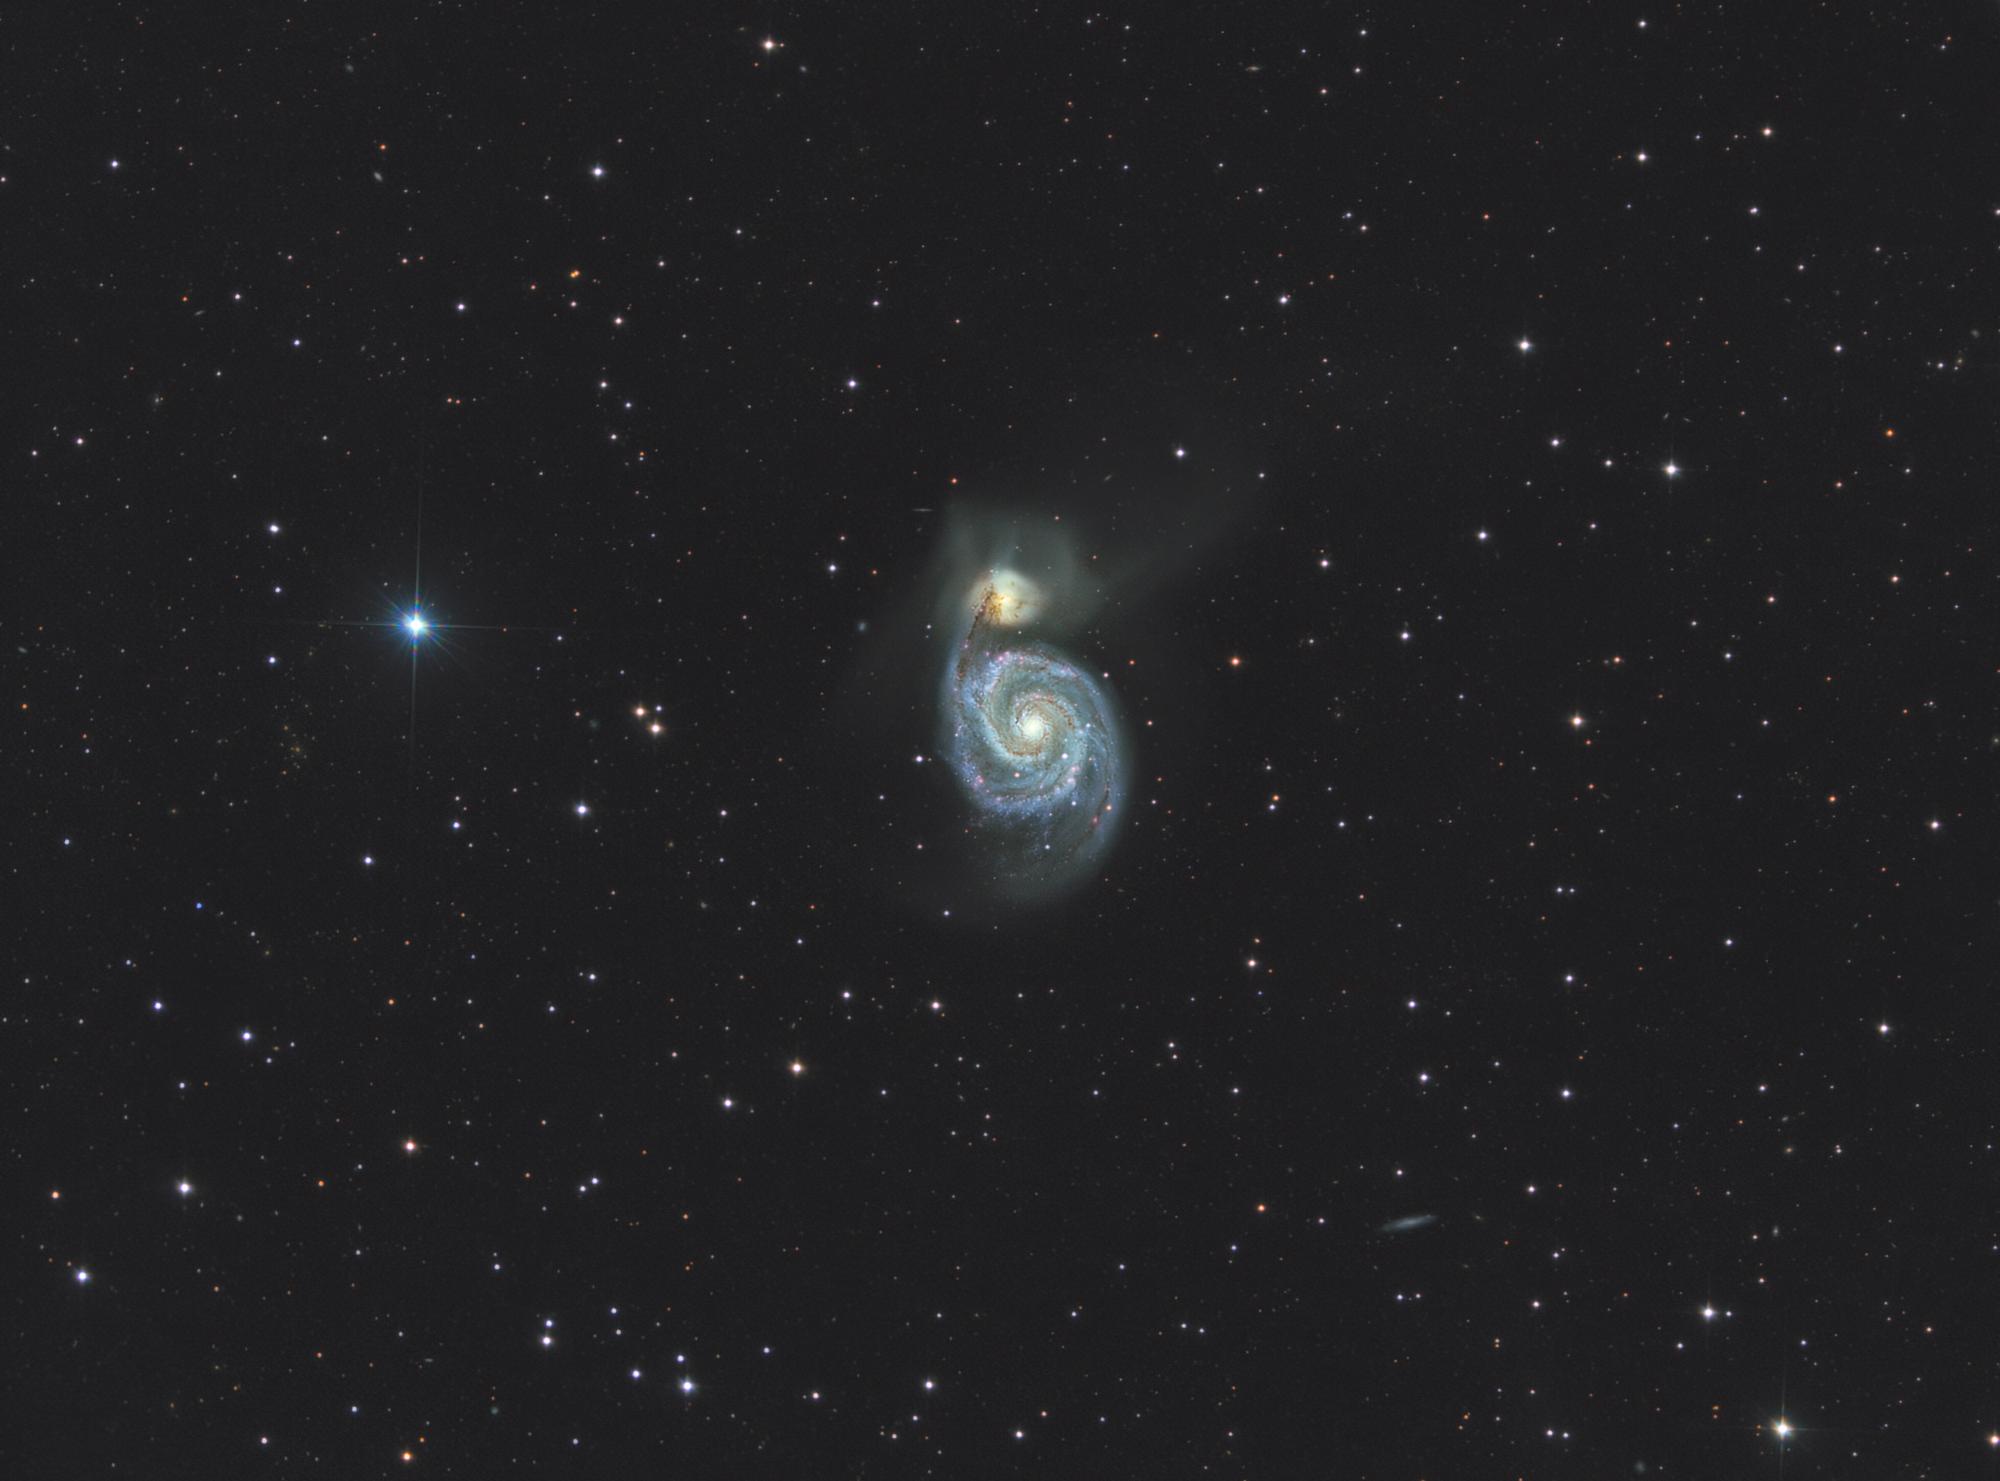 f:id:snct-astro:20210529000443p:plain